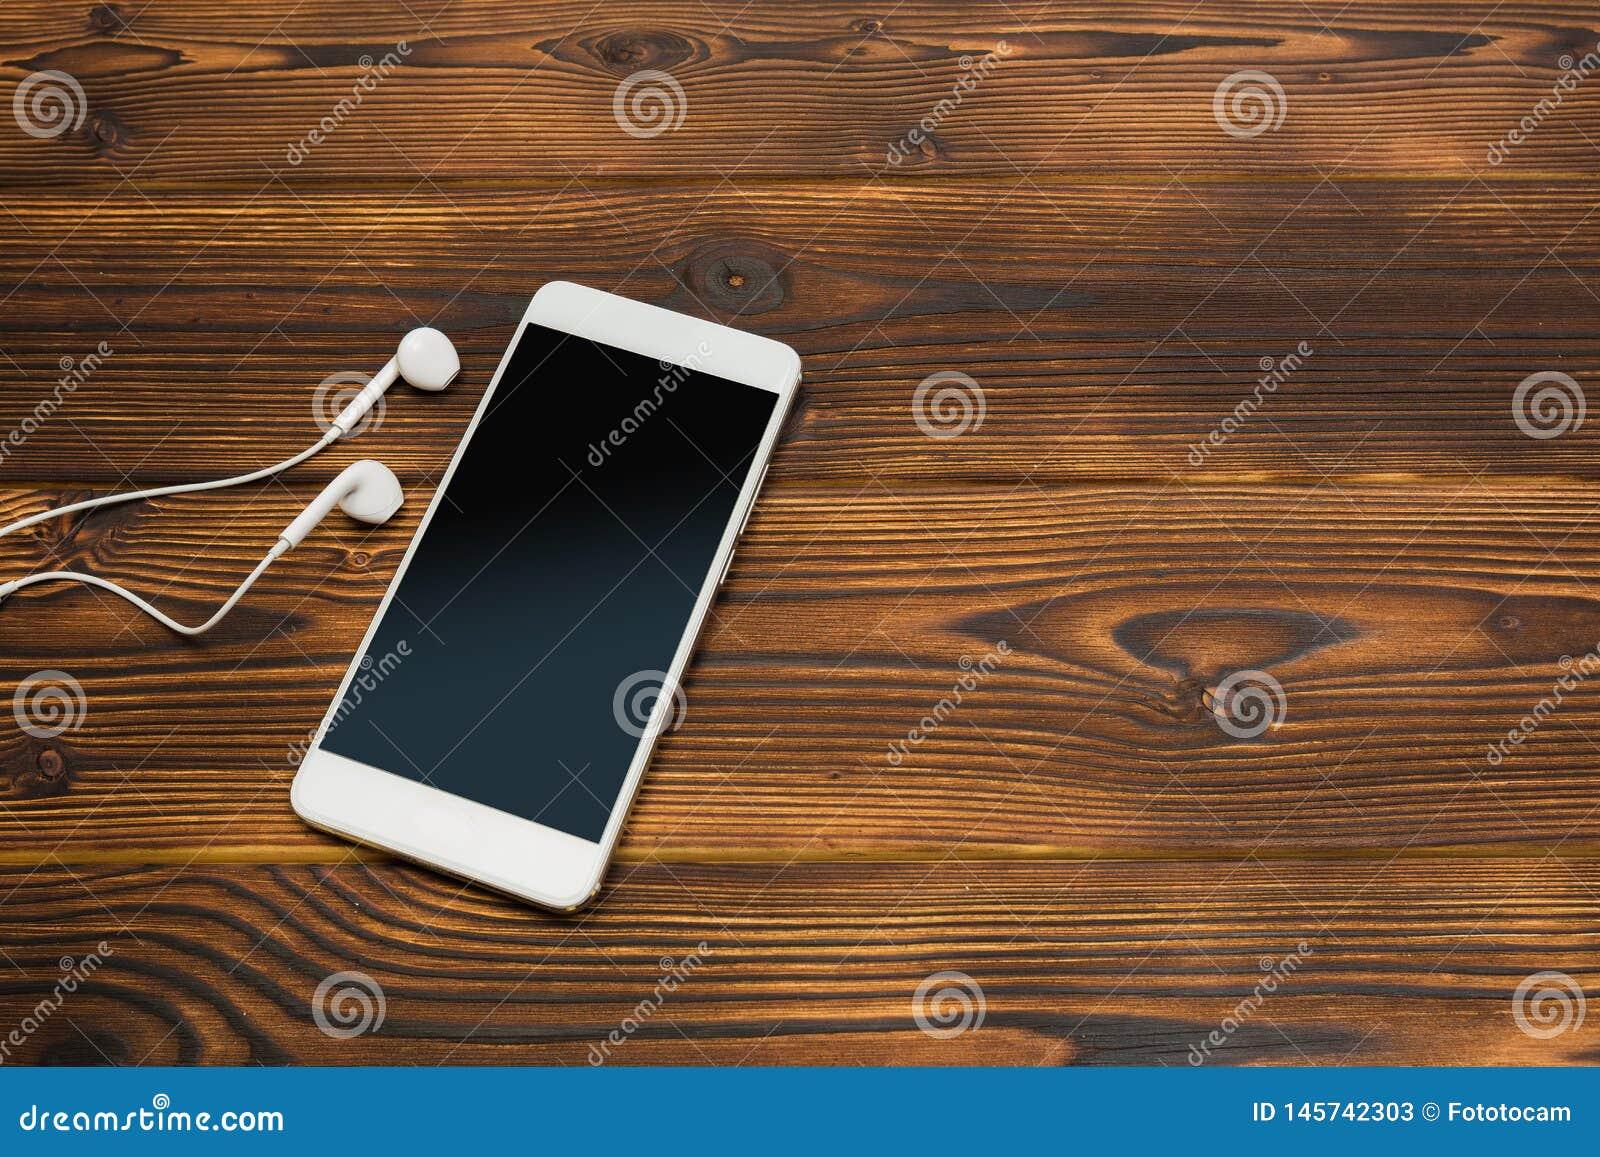 Bia?y smartphone z he?mofonami na drewnianym tle